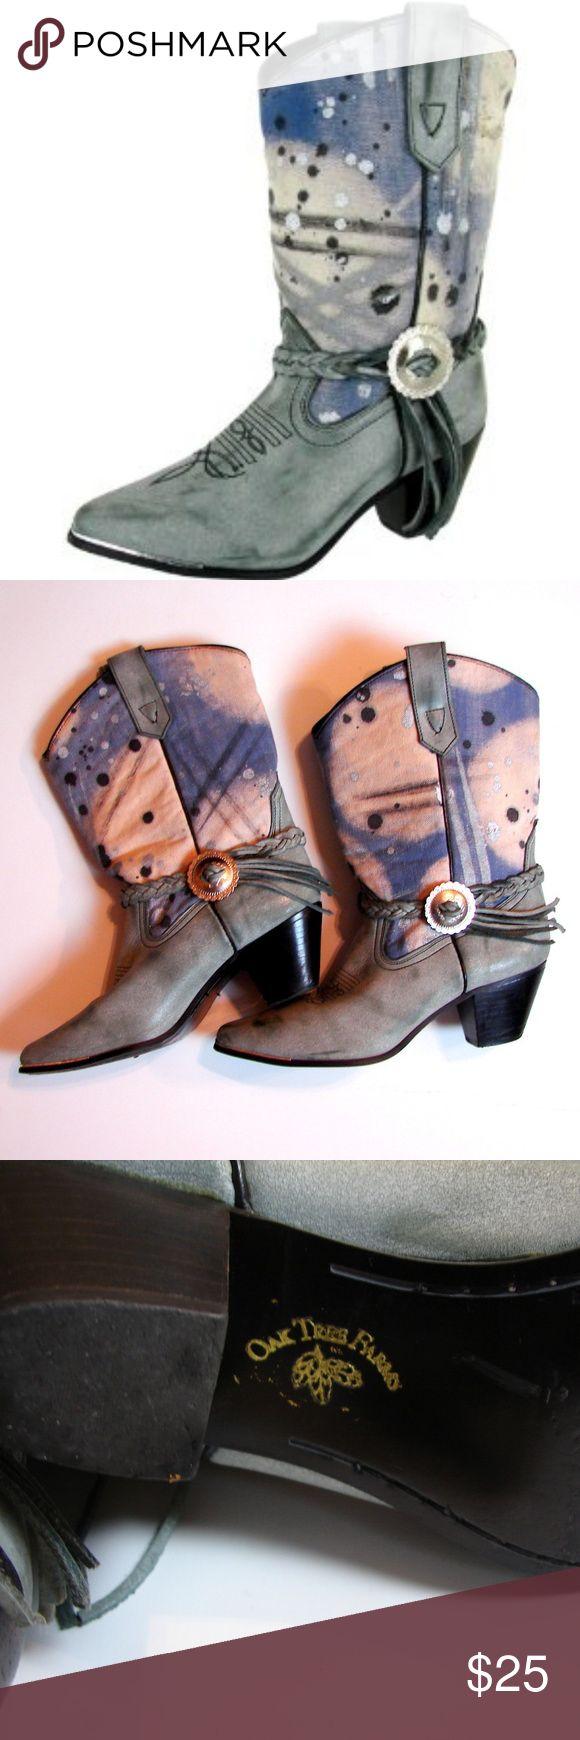 Oak Tree Farms blue paint splatter cowboy boots Oak Tree Farms blue paint splatter cowboy boots Excellent condition! Size 9 Oak Tree Farms Shoes Ankle Boots & Booties